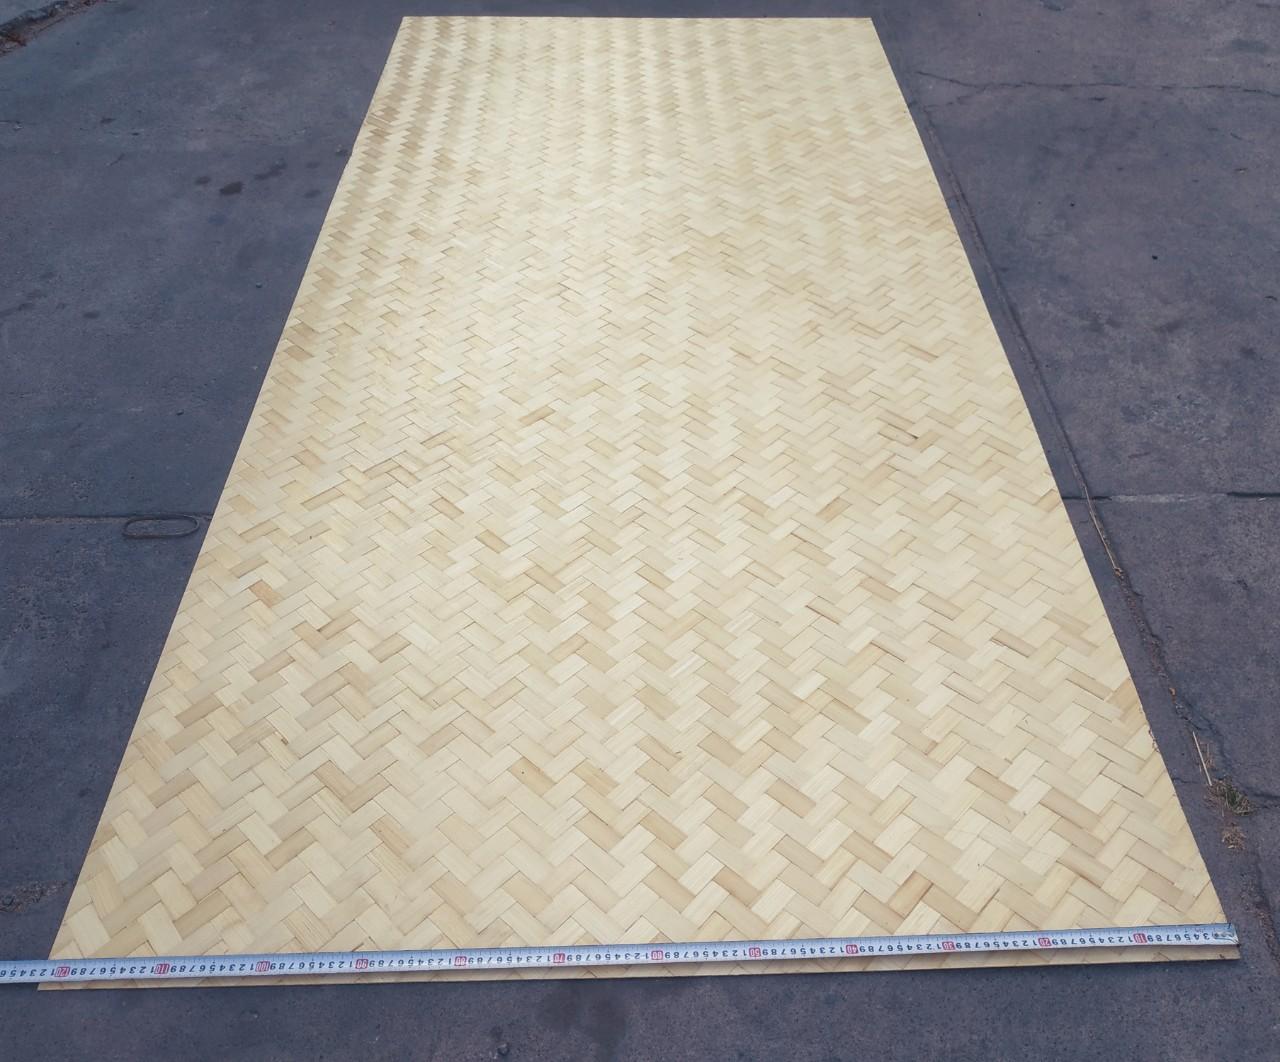 Tấm cót tre đạt tiêu chuẩn chất lượng cao sản xuất tại xưởng của City Nội Thất